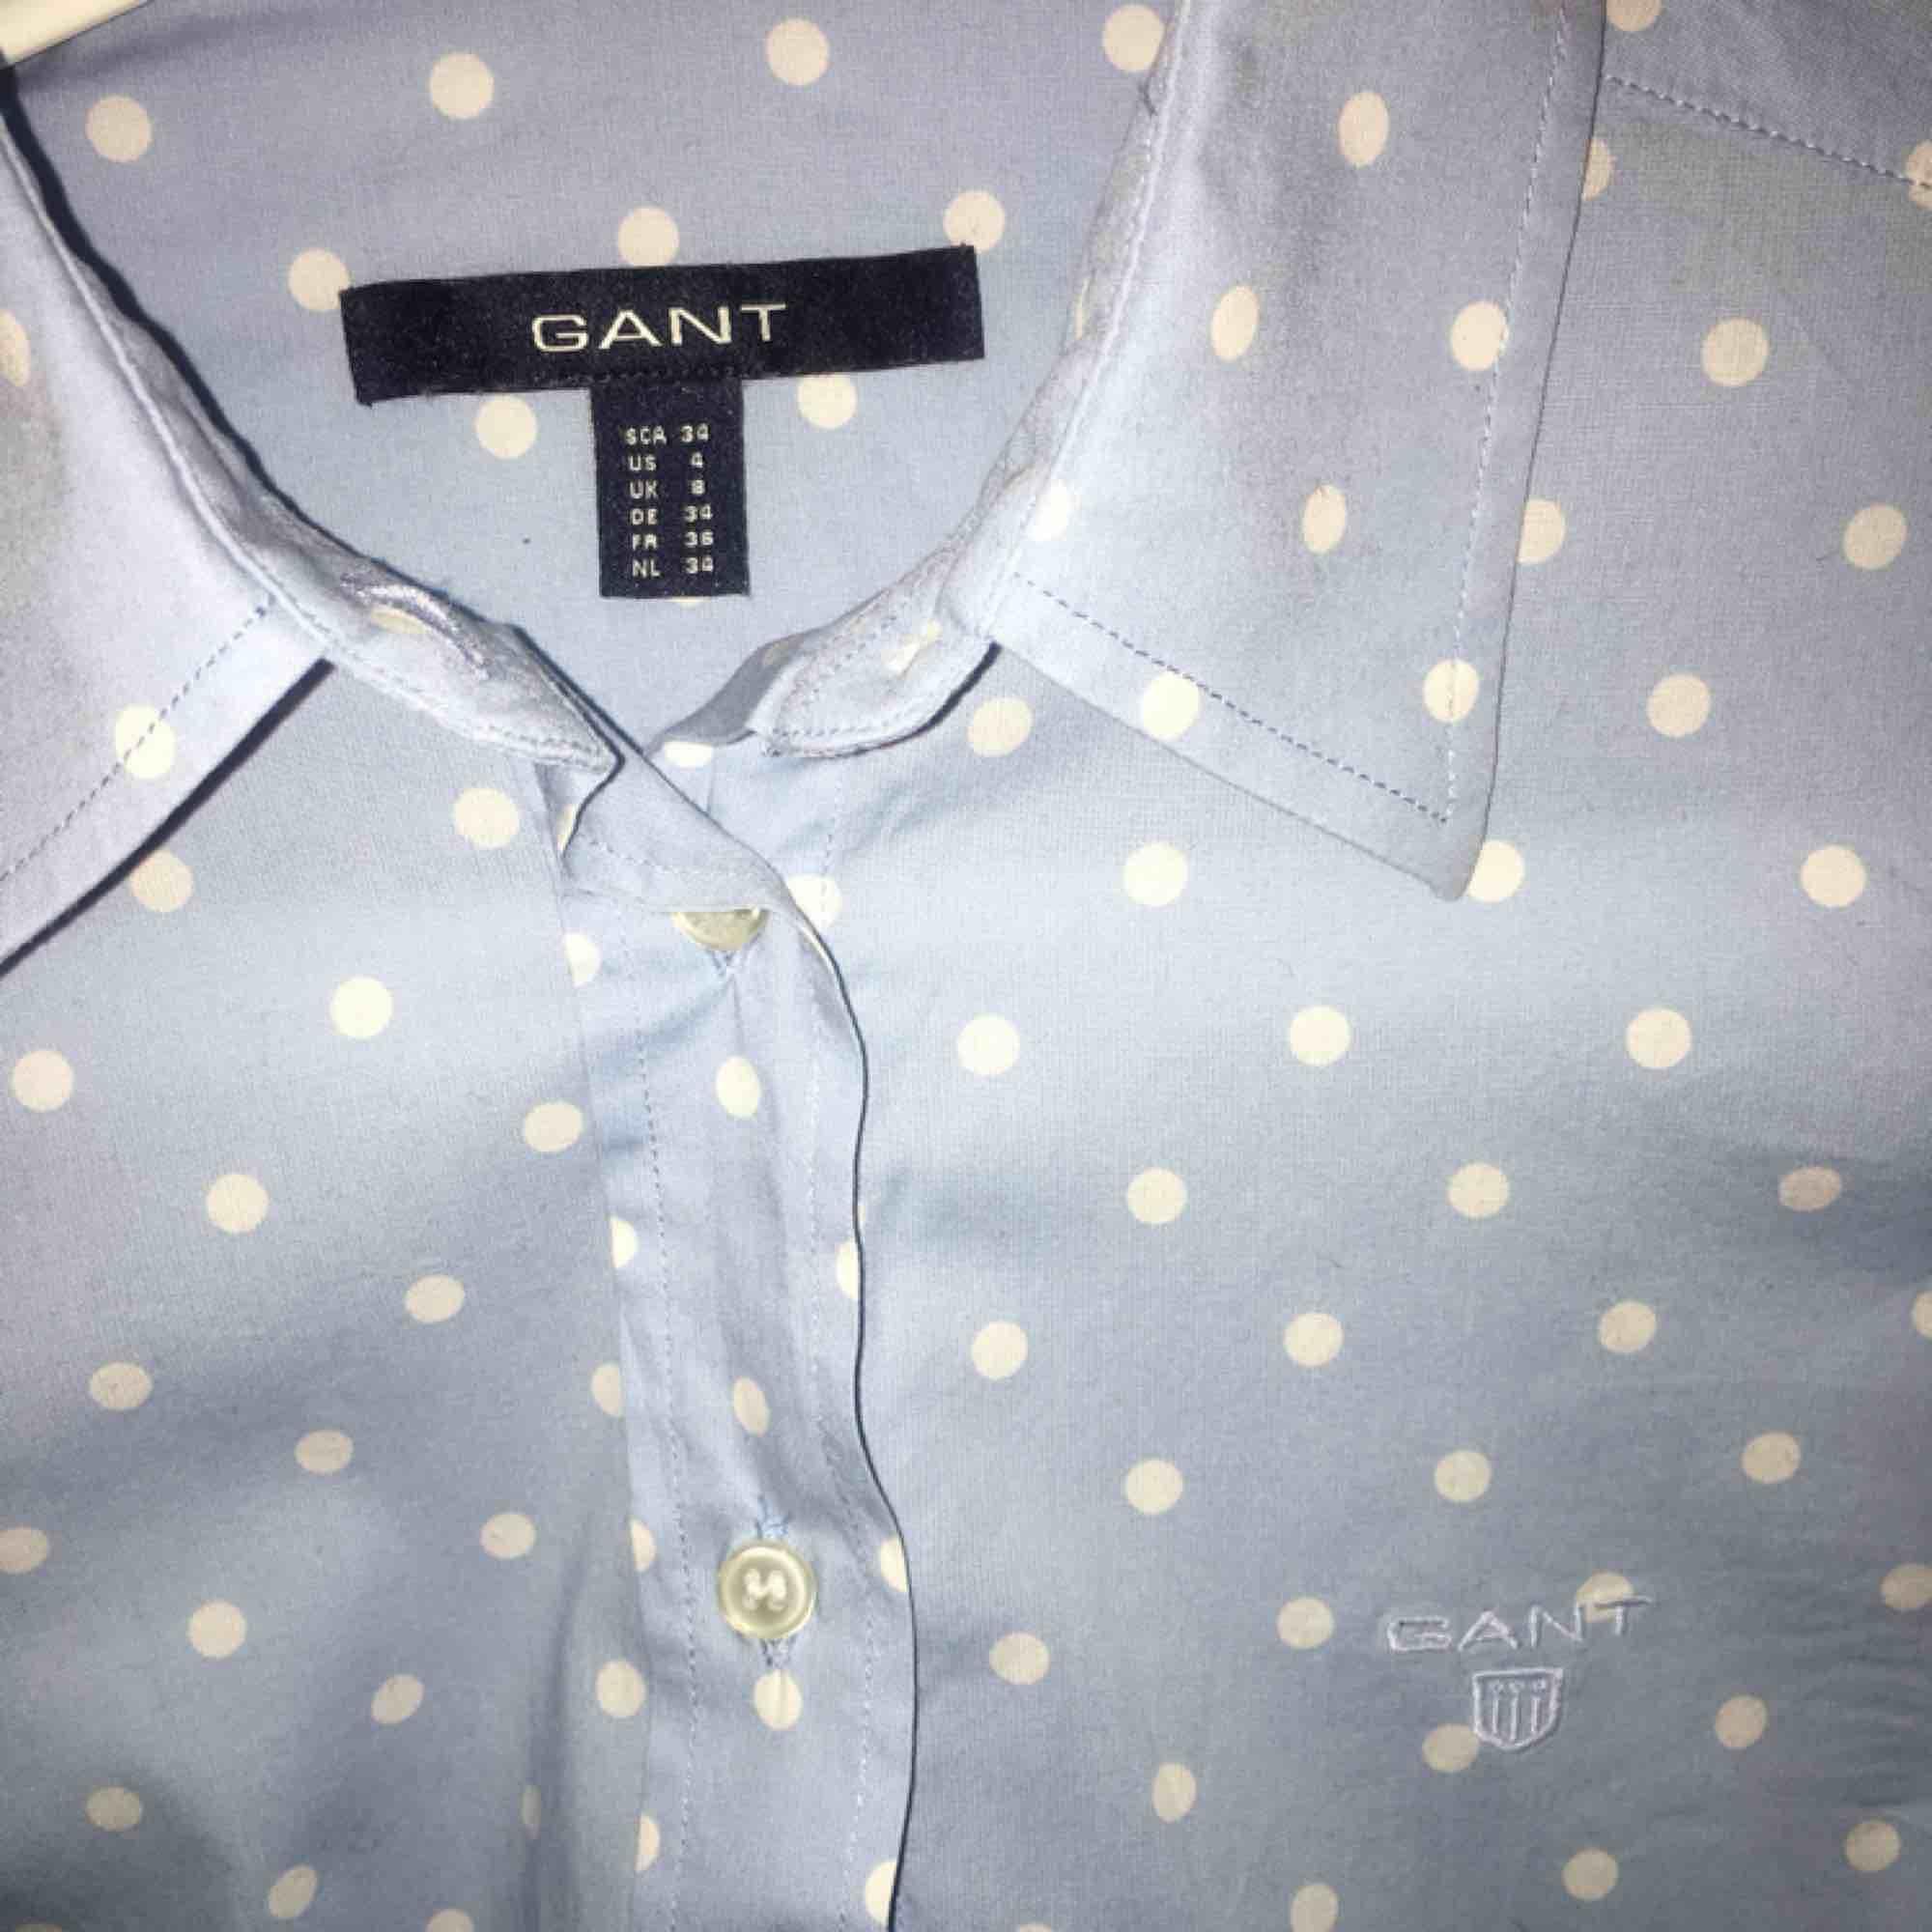 Gant skjorta dam Storlek: 34 Nypris: 700 Mitt pris: 450 Varför: säljer pga att jag inte använder den, endast använd 2/3 ggr Kan mötas upp i Sthlm annars står köpare för frakt✨. Skjortor.